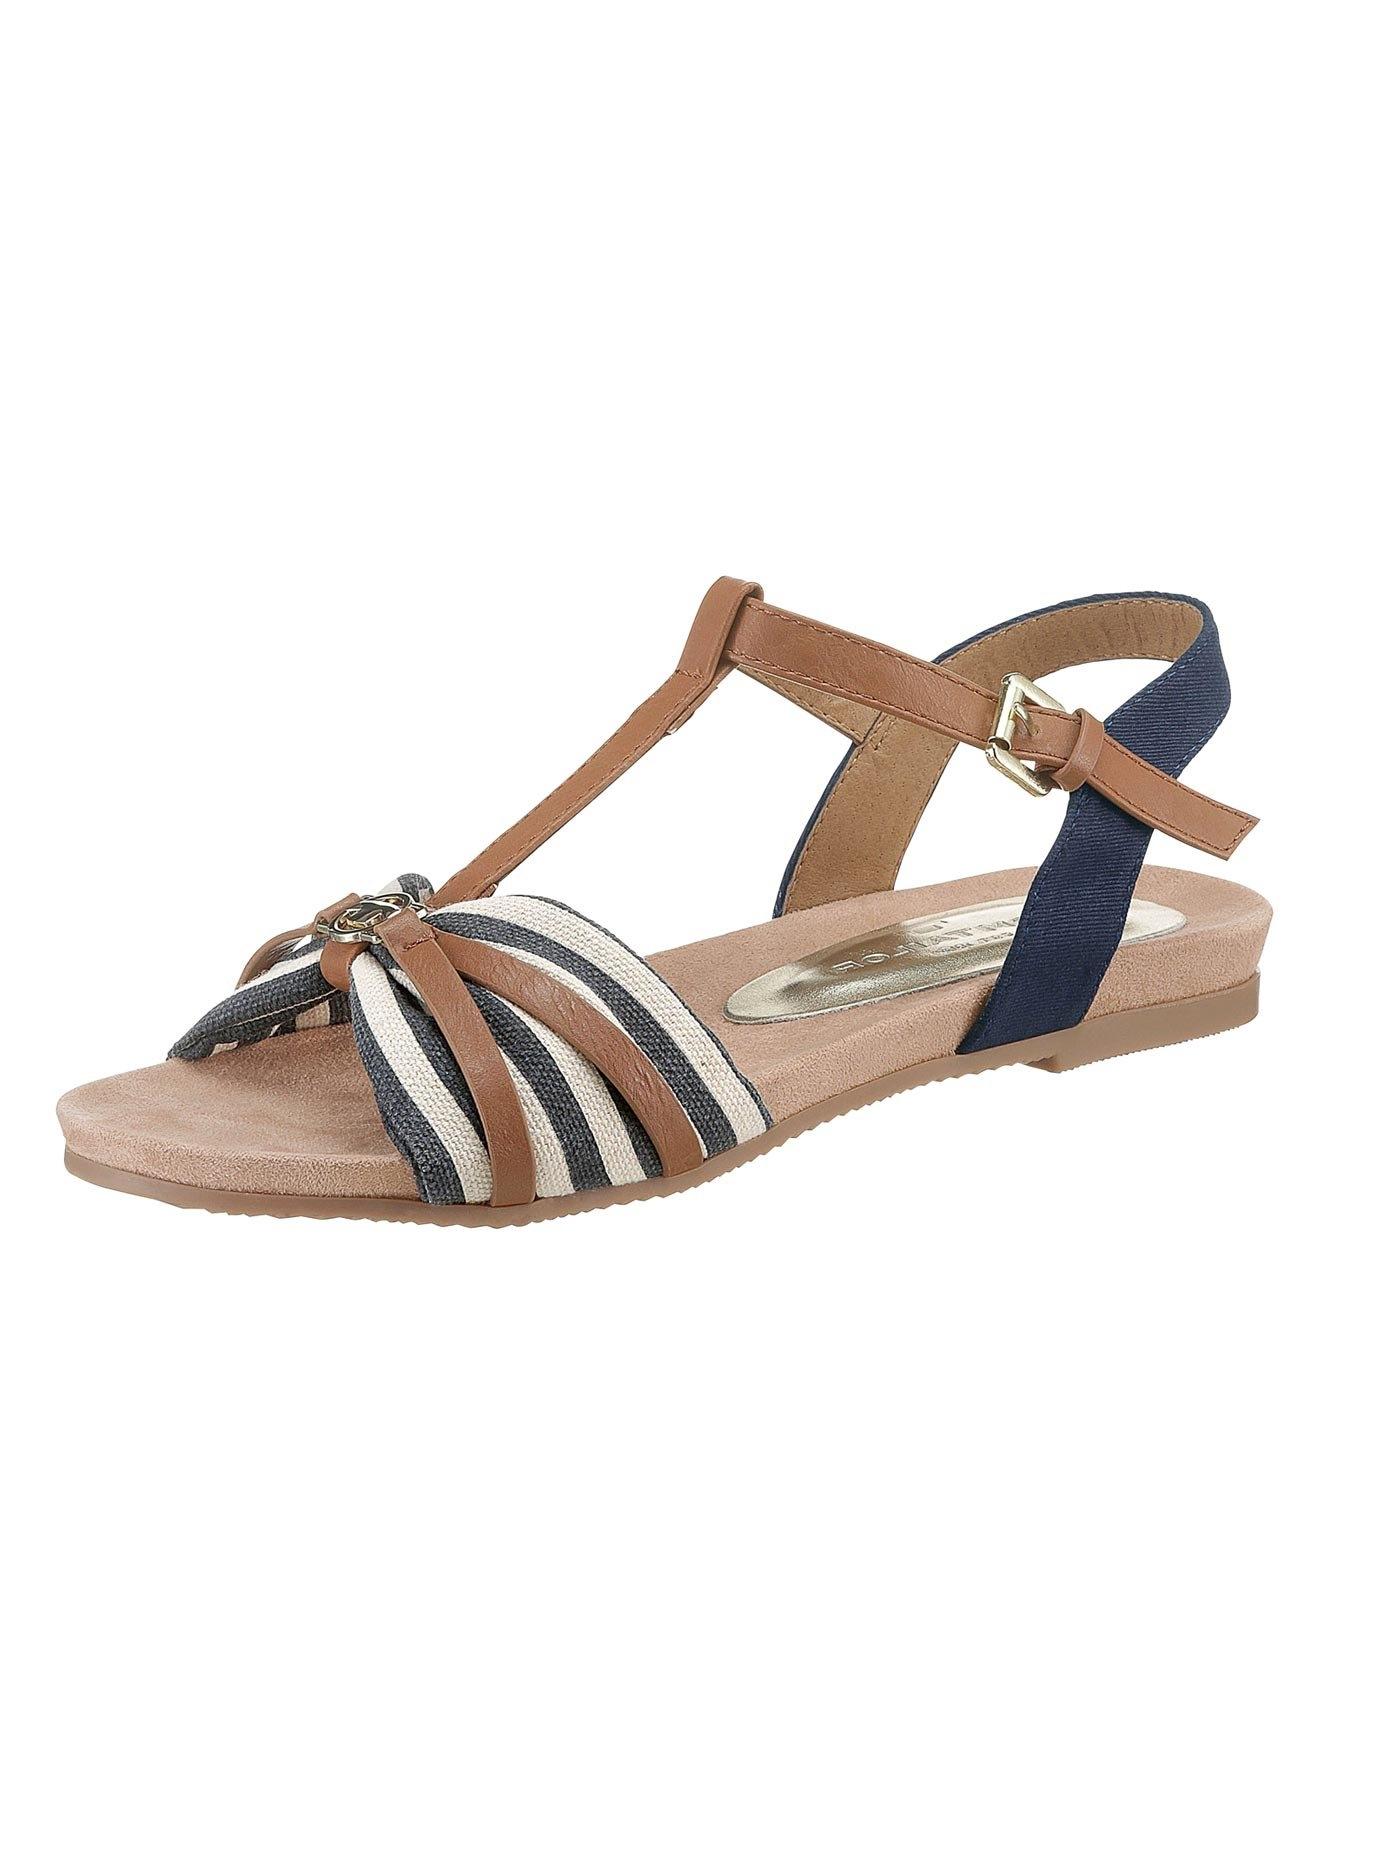 TOM TAILOR sandaaltjes met sierknoop in de webshop van OTTO kopen